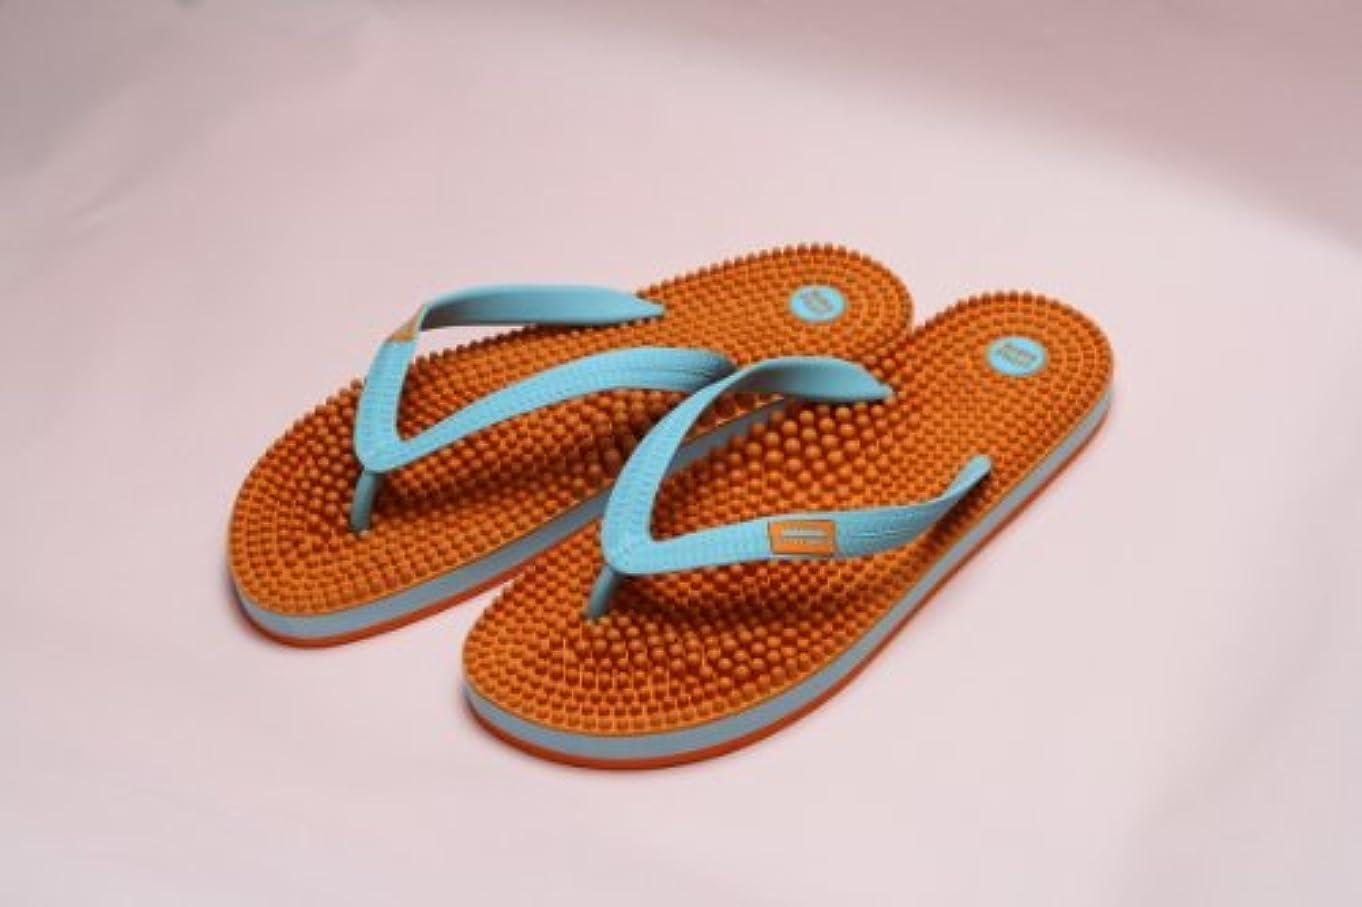 スカリーアラビア語クレーンリトルアース ボディポップ(body+pop) ビーチ(BeacH) 5002 オレンジ/ターコイズ 25cm